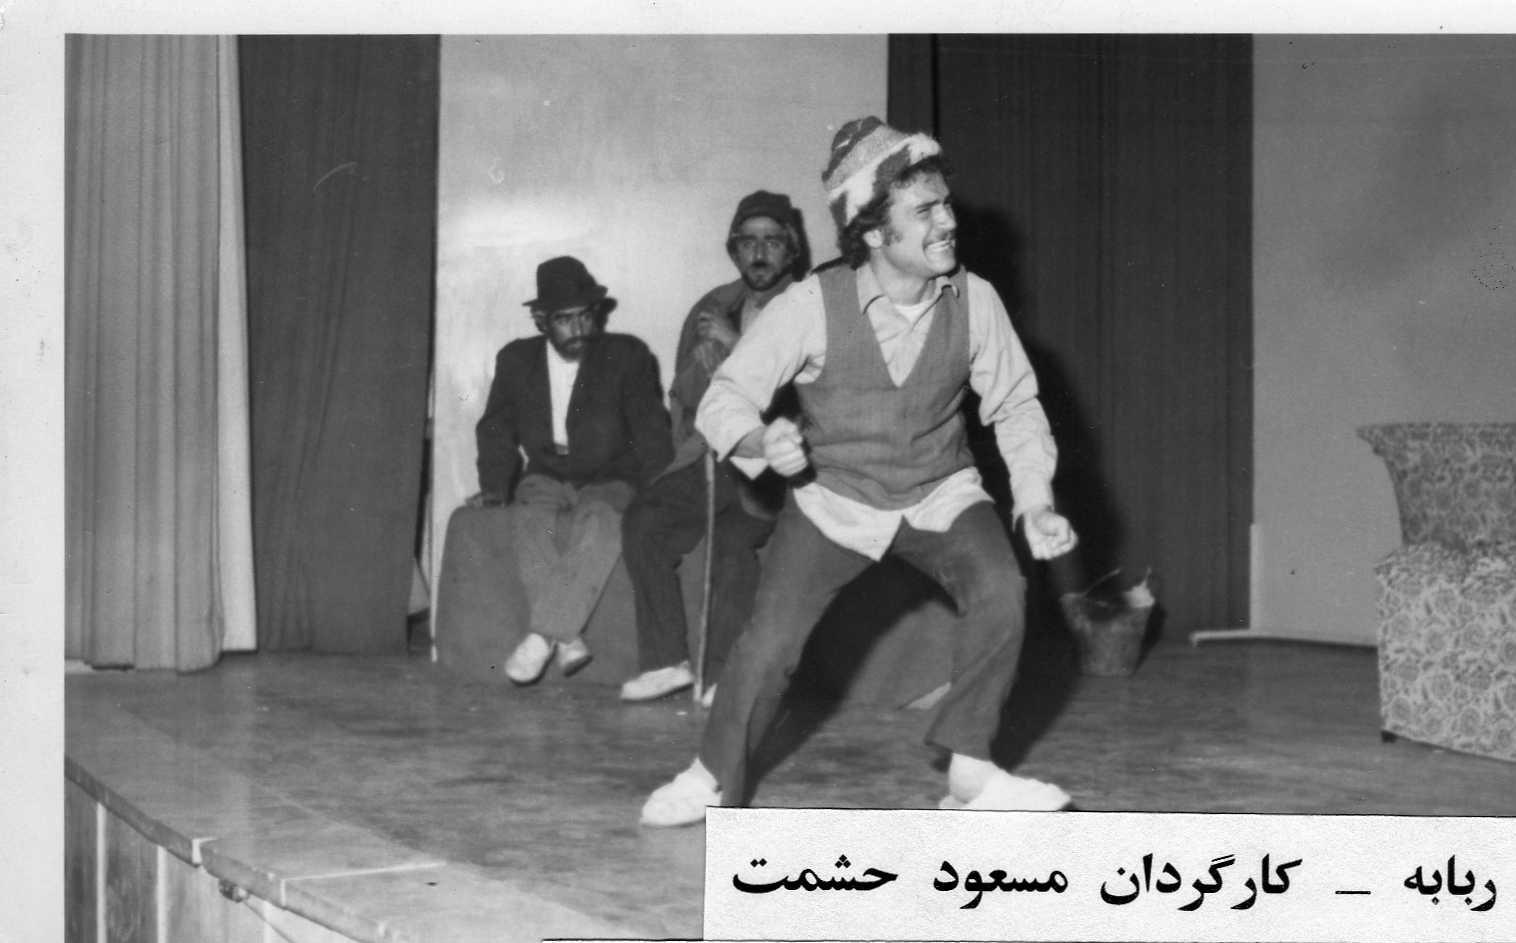 تصویری از مسعود حشمت، بازیگر و نویسنده سینما و تلویزیون در حال بازیگری سر صحنه یکی از آثارش